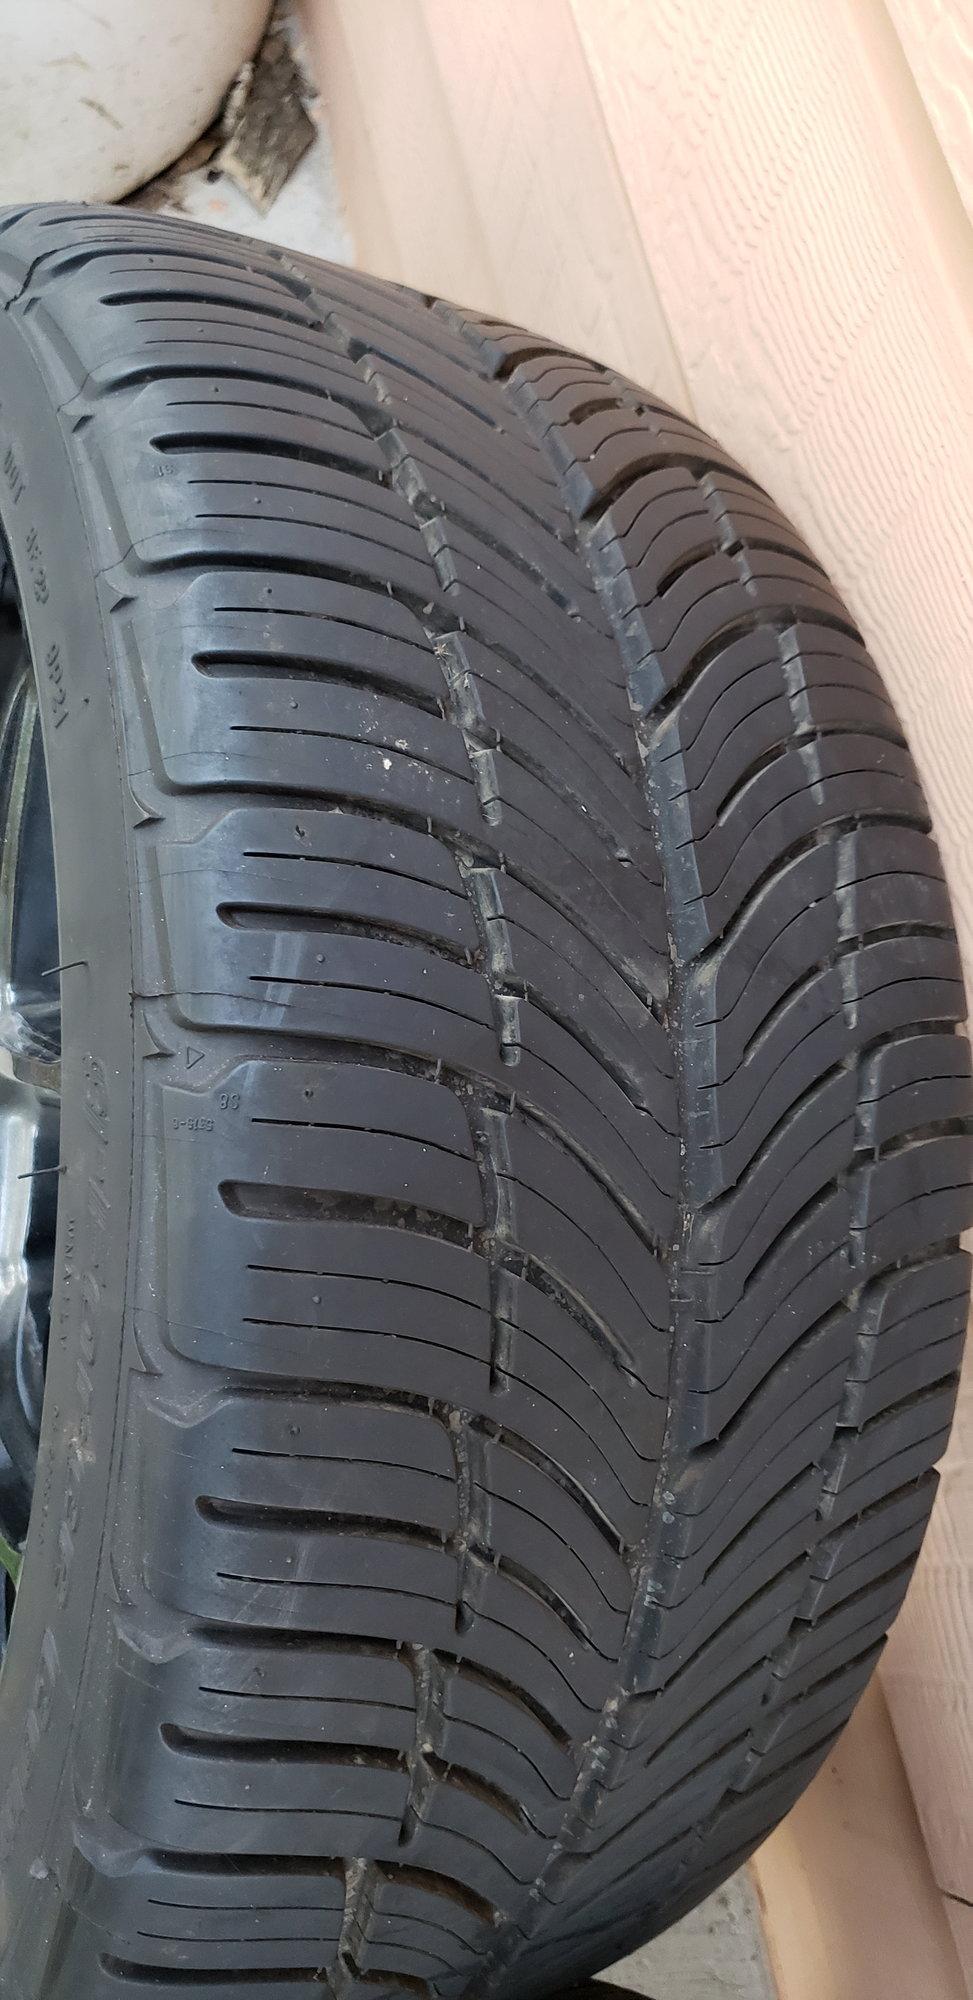 Konig Ampliform Wheels and BFG G-Force Comp2 Tires